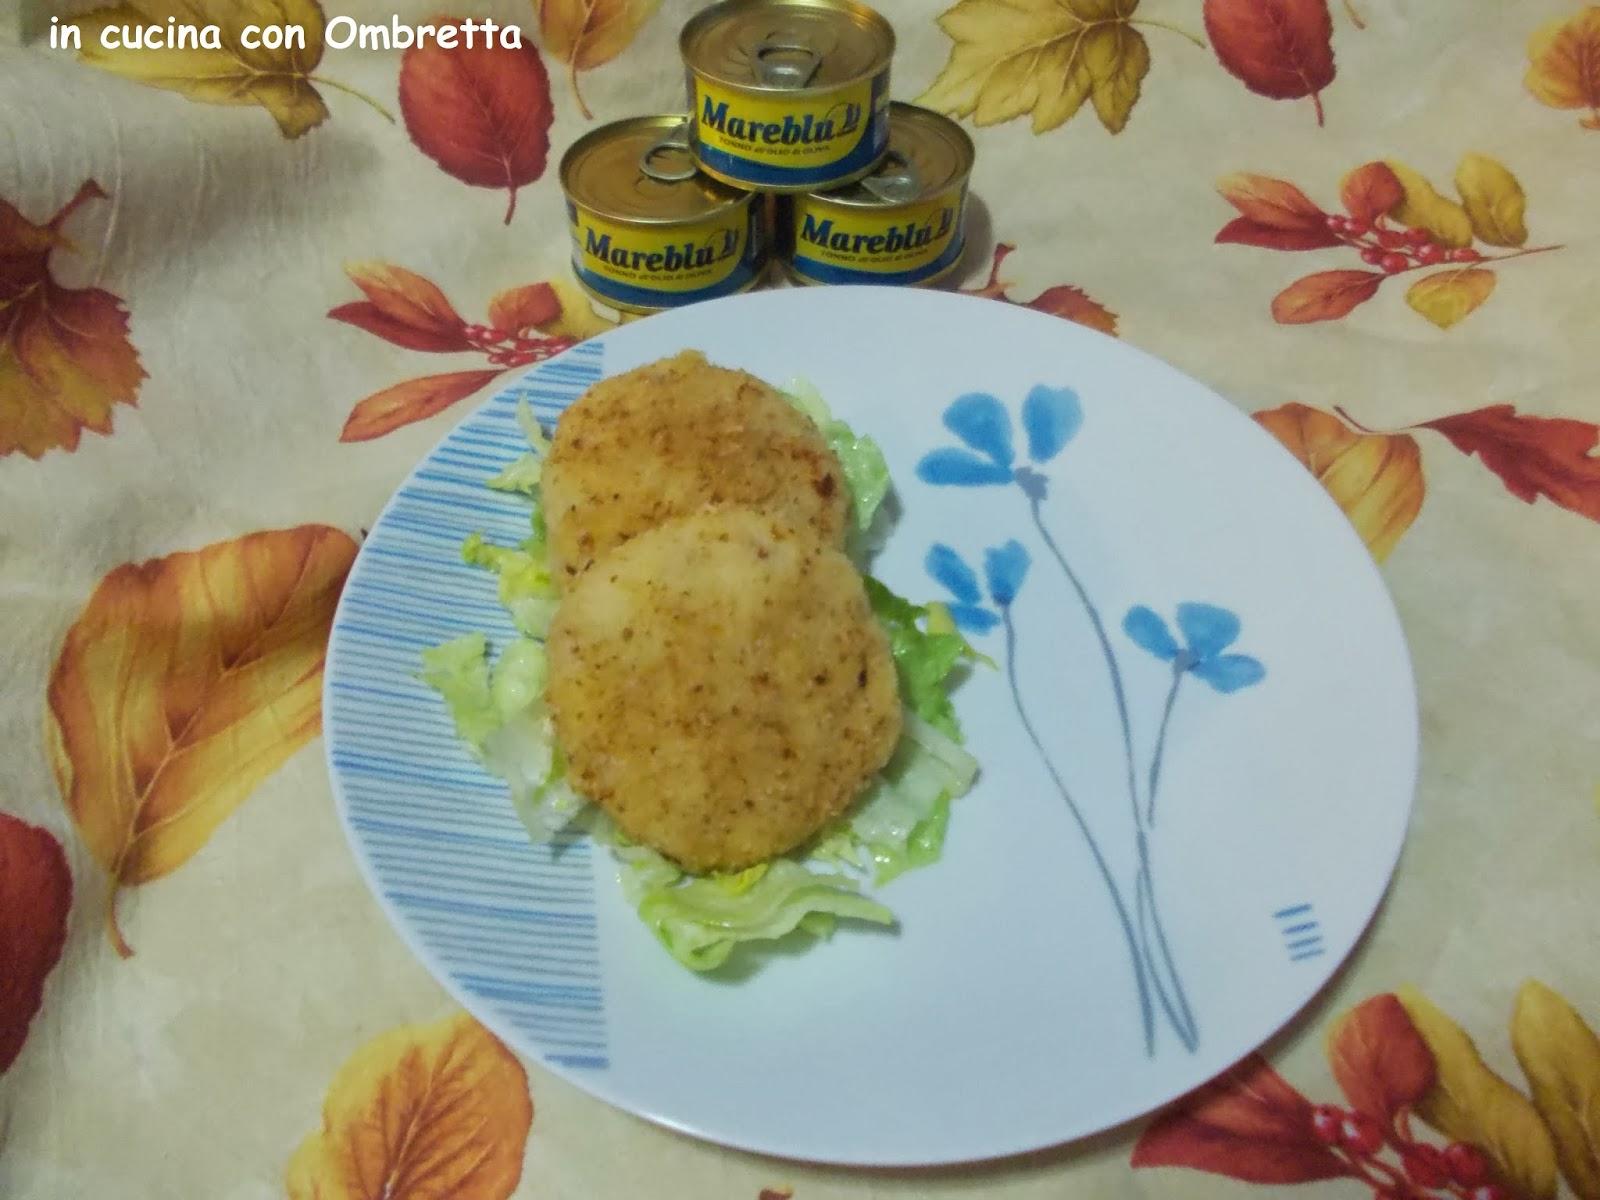 medaglioni di patata e tonno mareblu